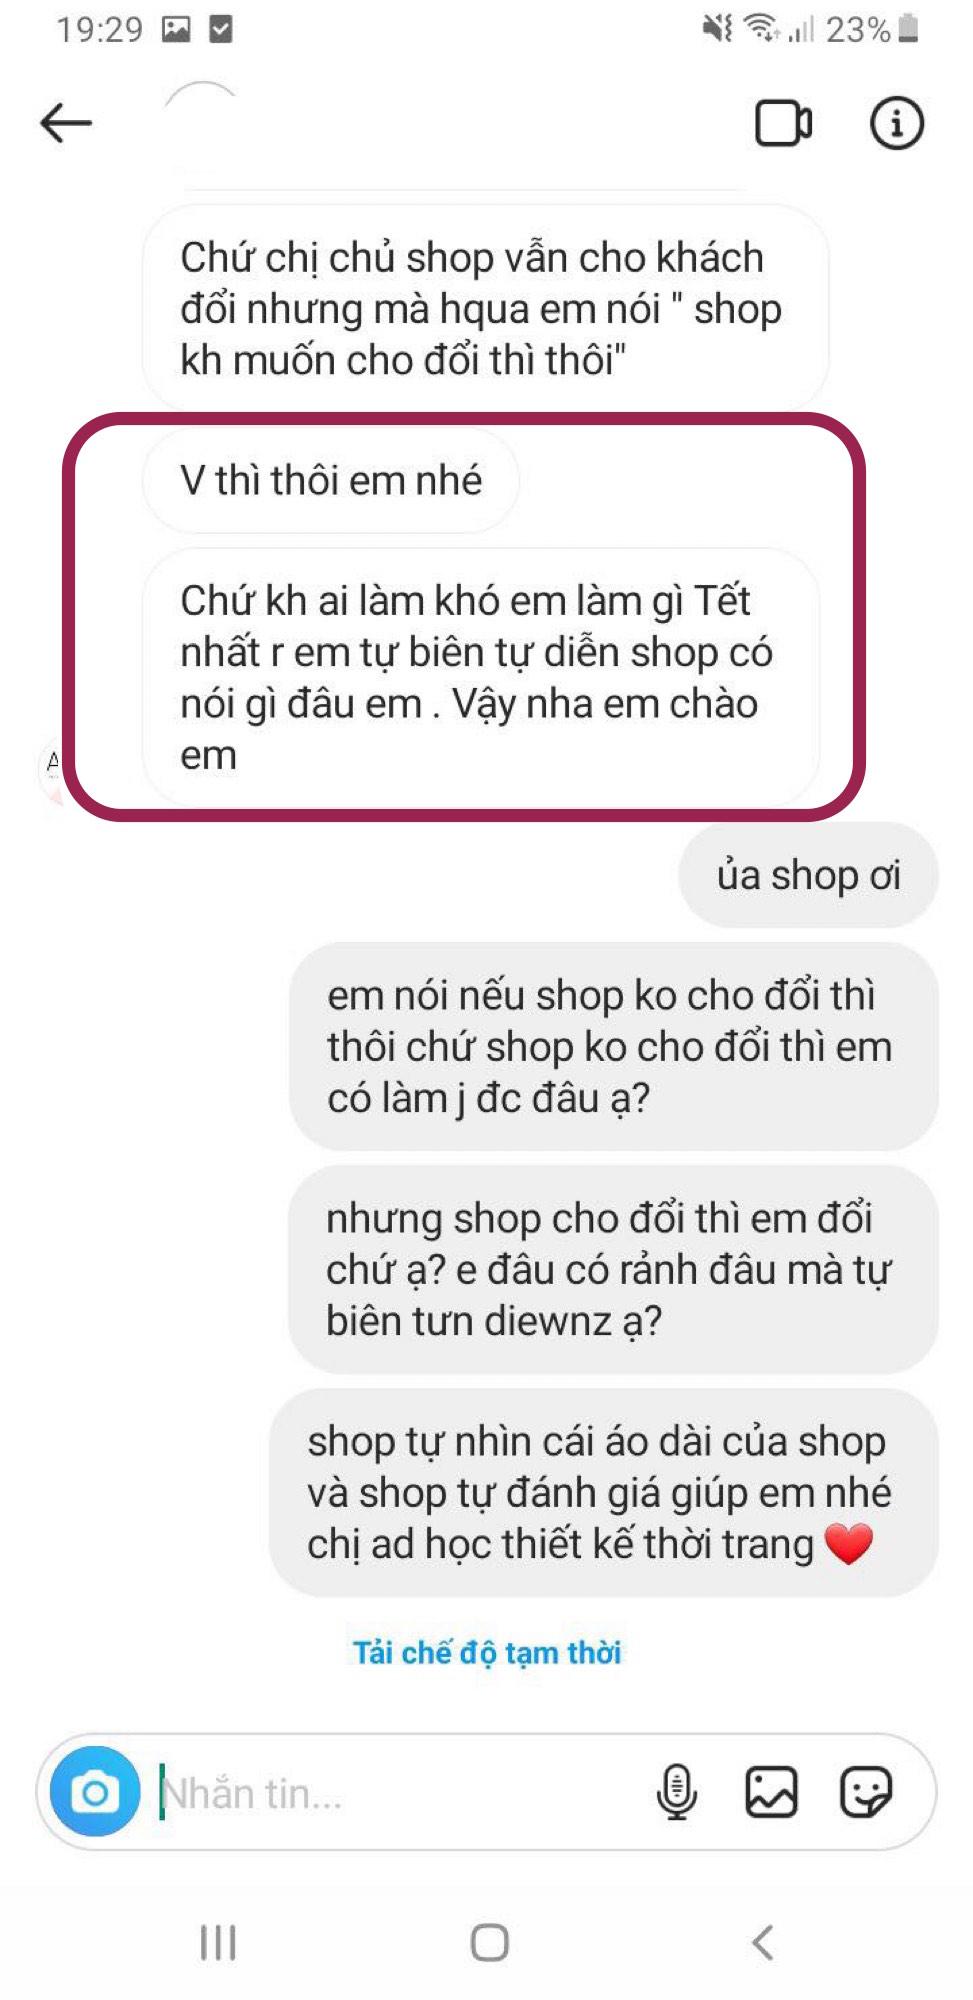 """Tôi đặt mua áo dài diện Tết giá 310k, hình mẫu khác xa với hàng nhận được nhưng bức xúc nhất là câu trả lời """"xanh rờn"""" của shop - Ảnh 6."""